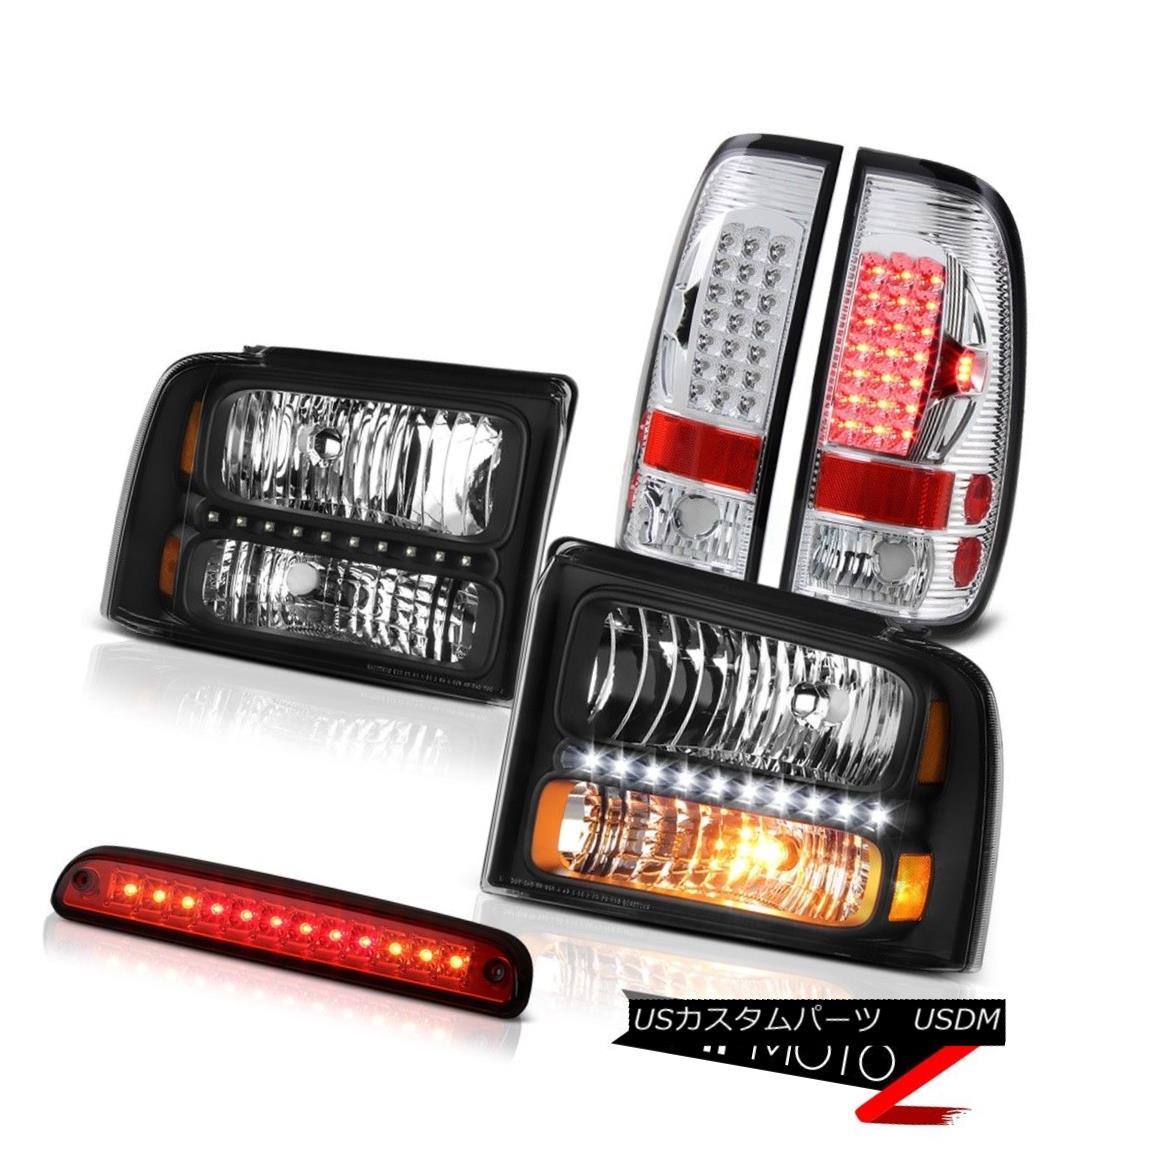 テールライト 05-07 F350 5.4L Clear/Black Headlights BRIGHTEST LED Tail Lights Roof Stop Red 05-07 F350 5.4Lクリア/ブラックヘッドライトBRIGHTEST LEDテールライトルーフストップレッド